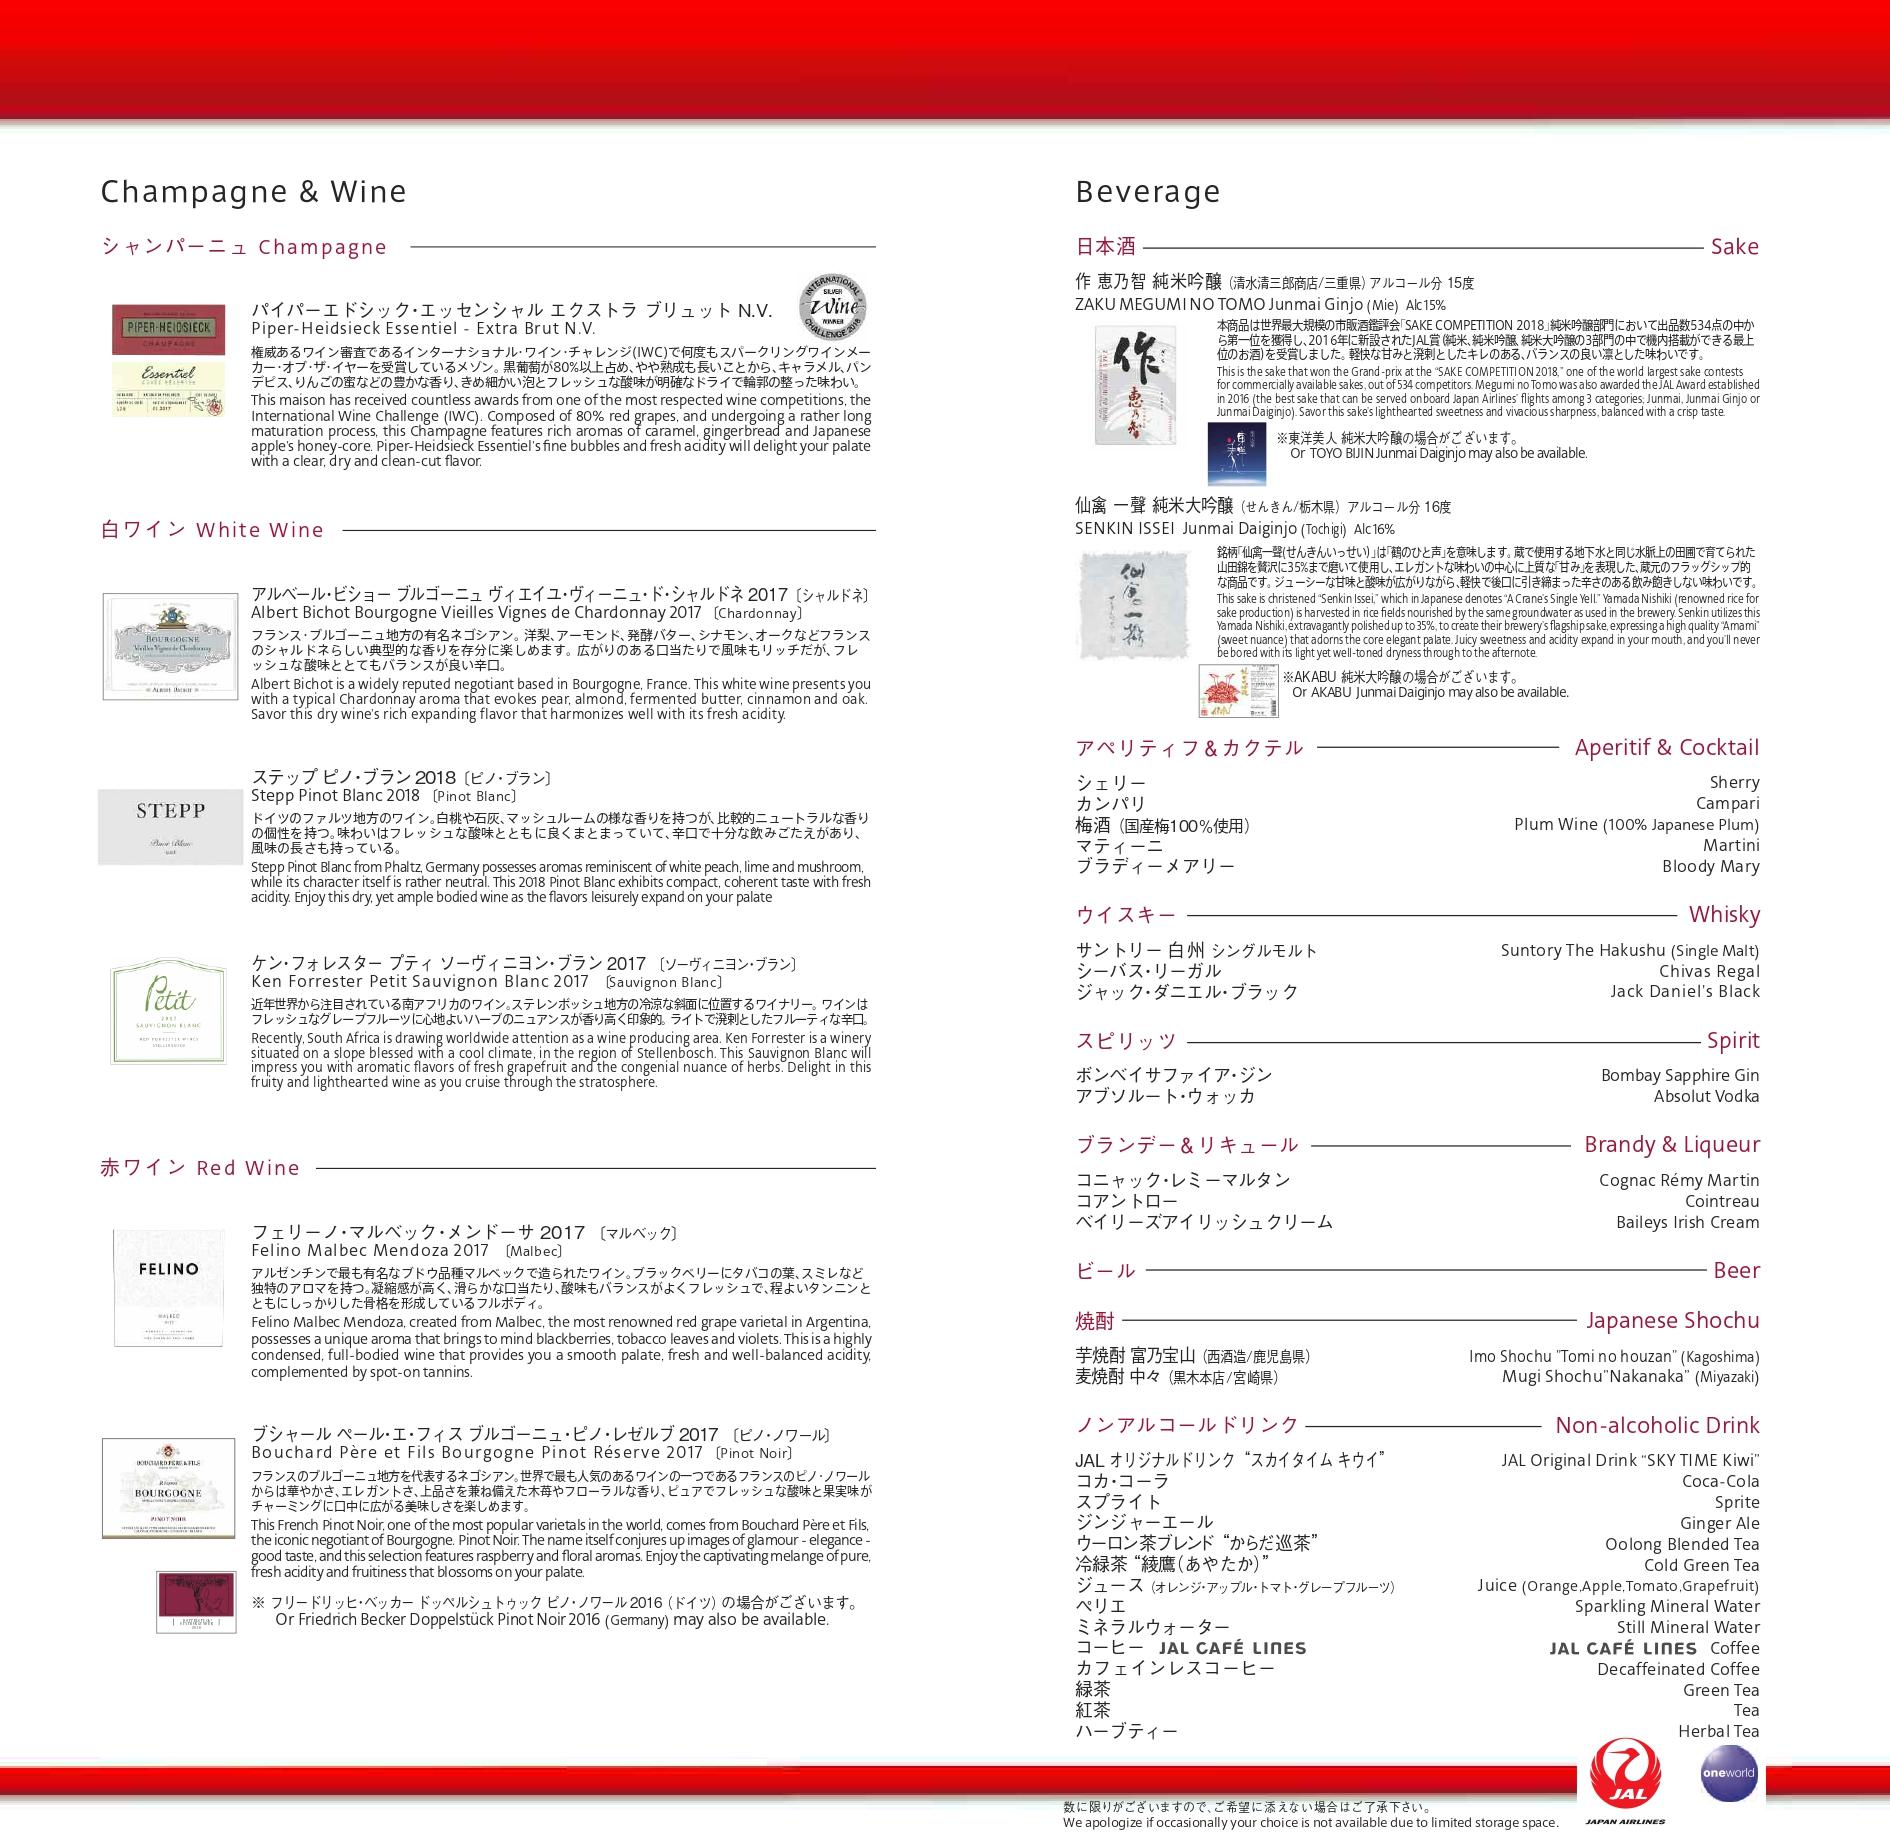 JL711 15JUL19 NRT -SIN JAL ビジネスクラス 機内食